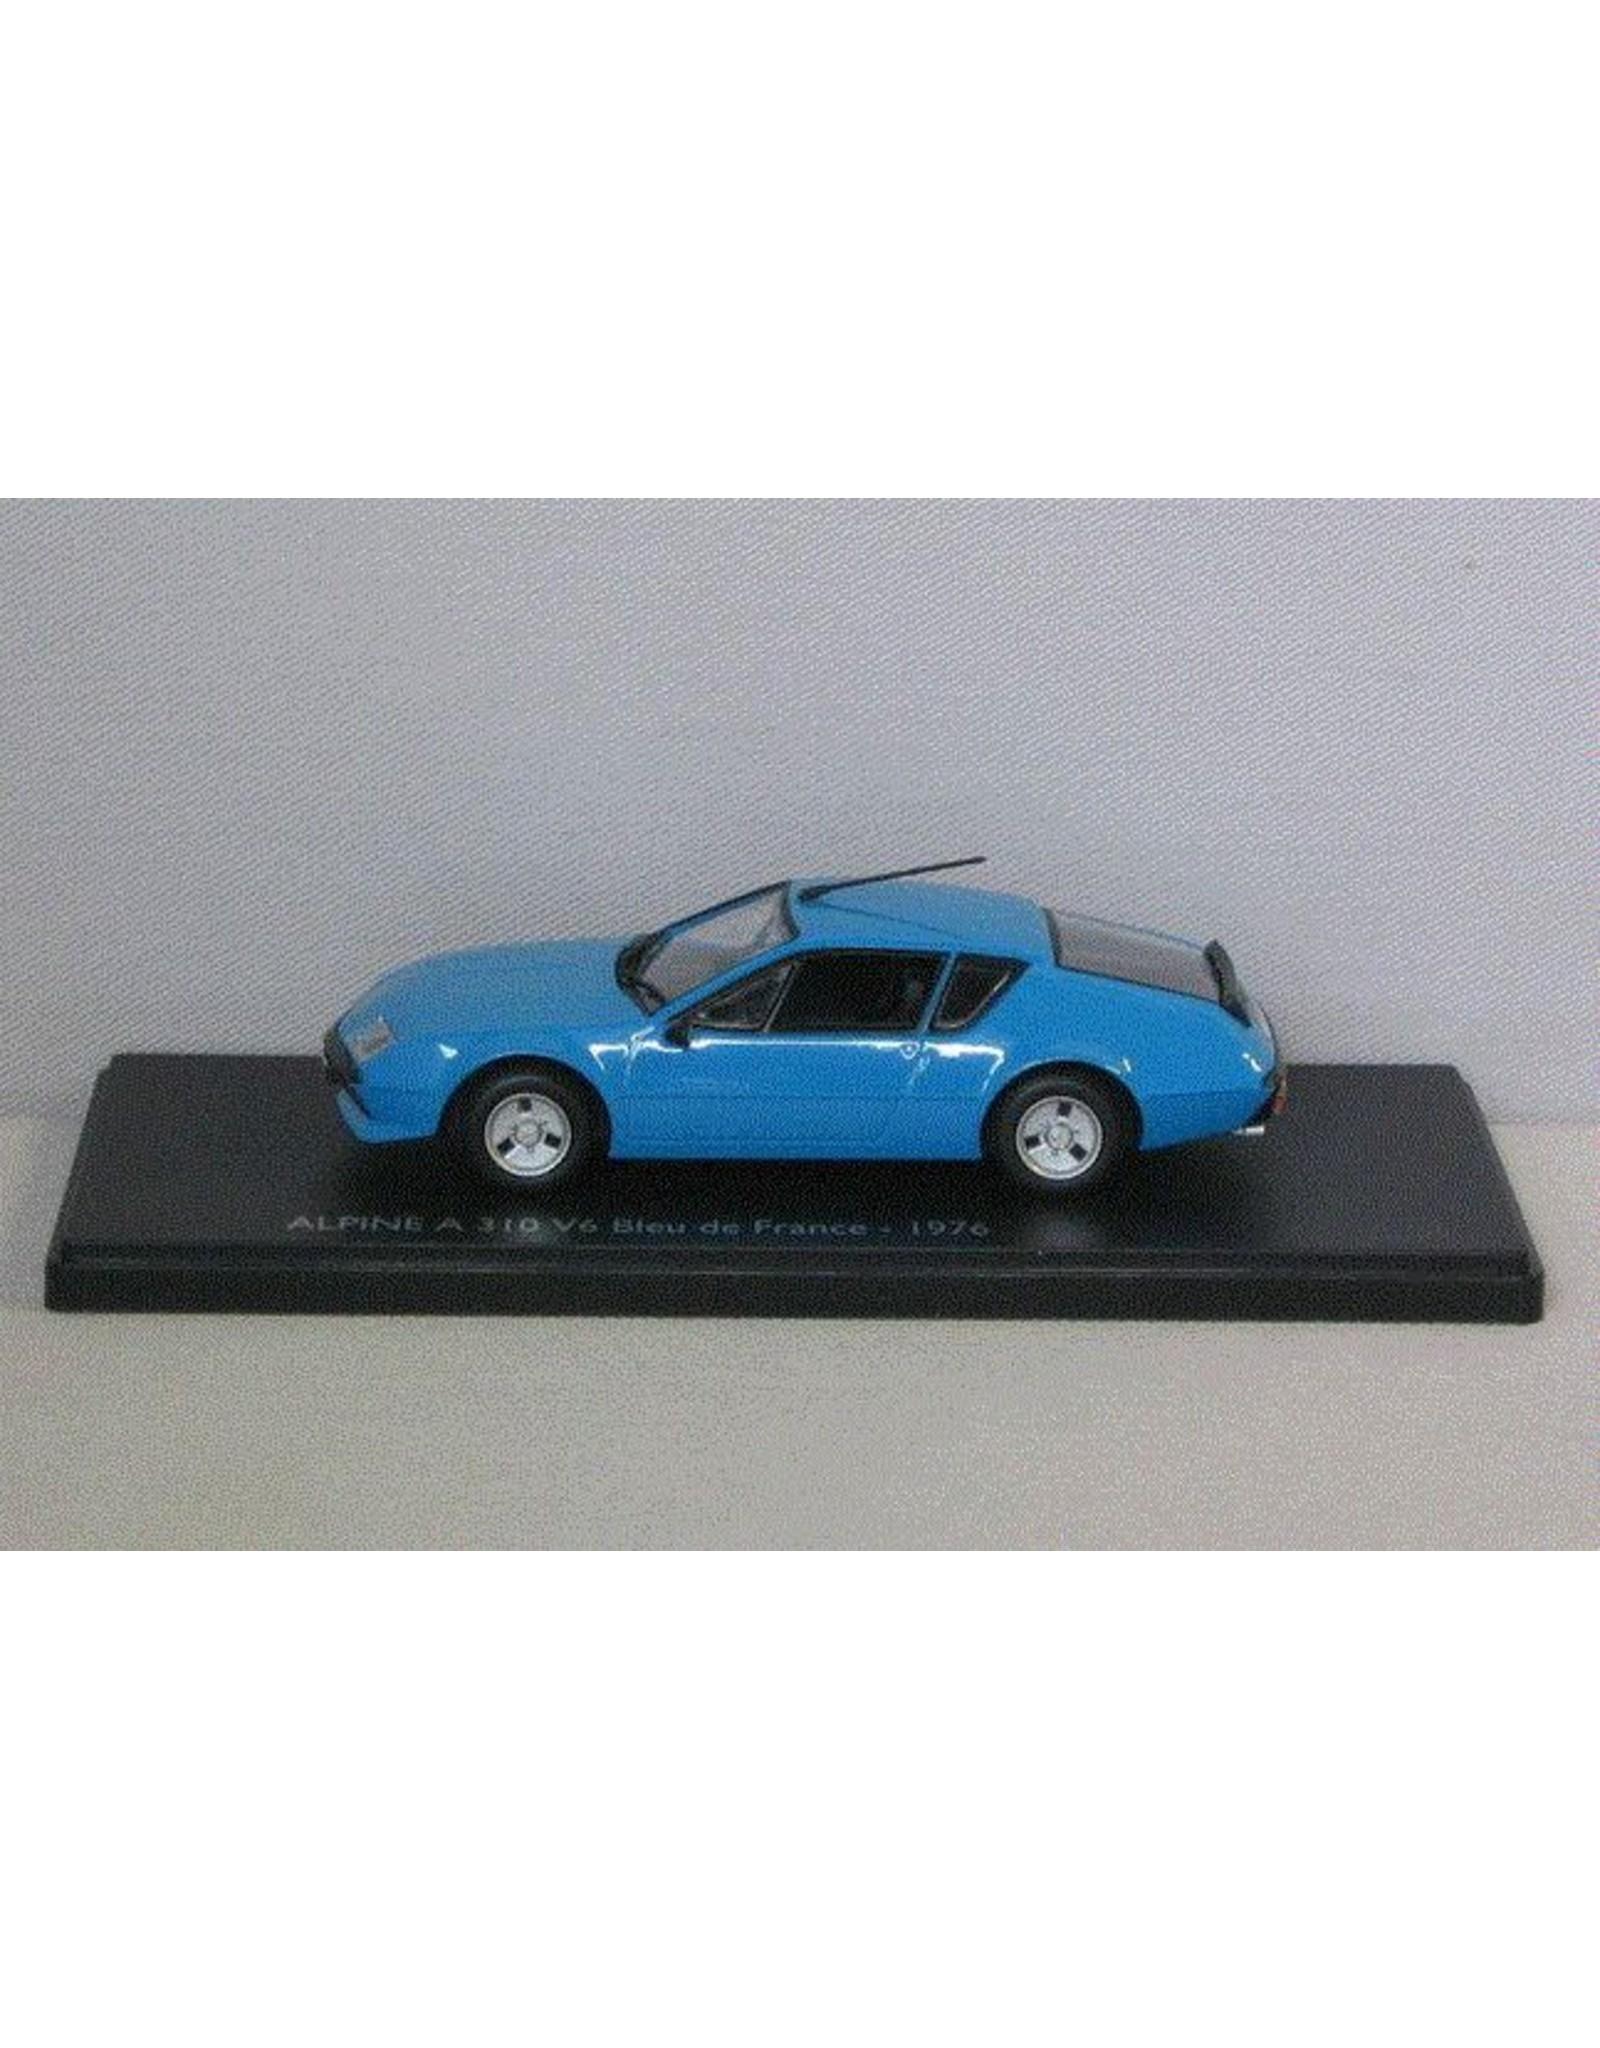 ELIGOR HACHETTE RENAULT ALPINE A 310 V6 1981 1:43